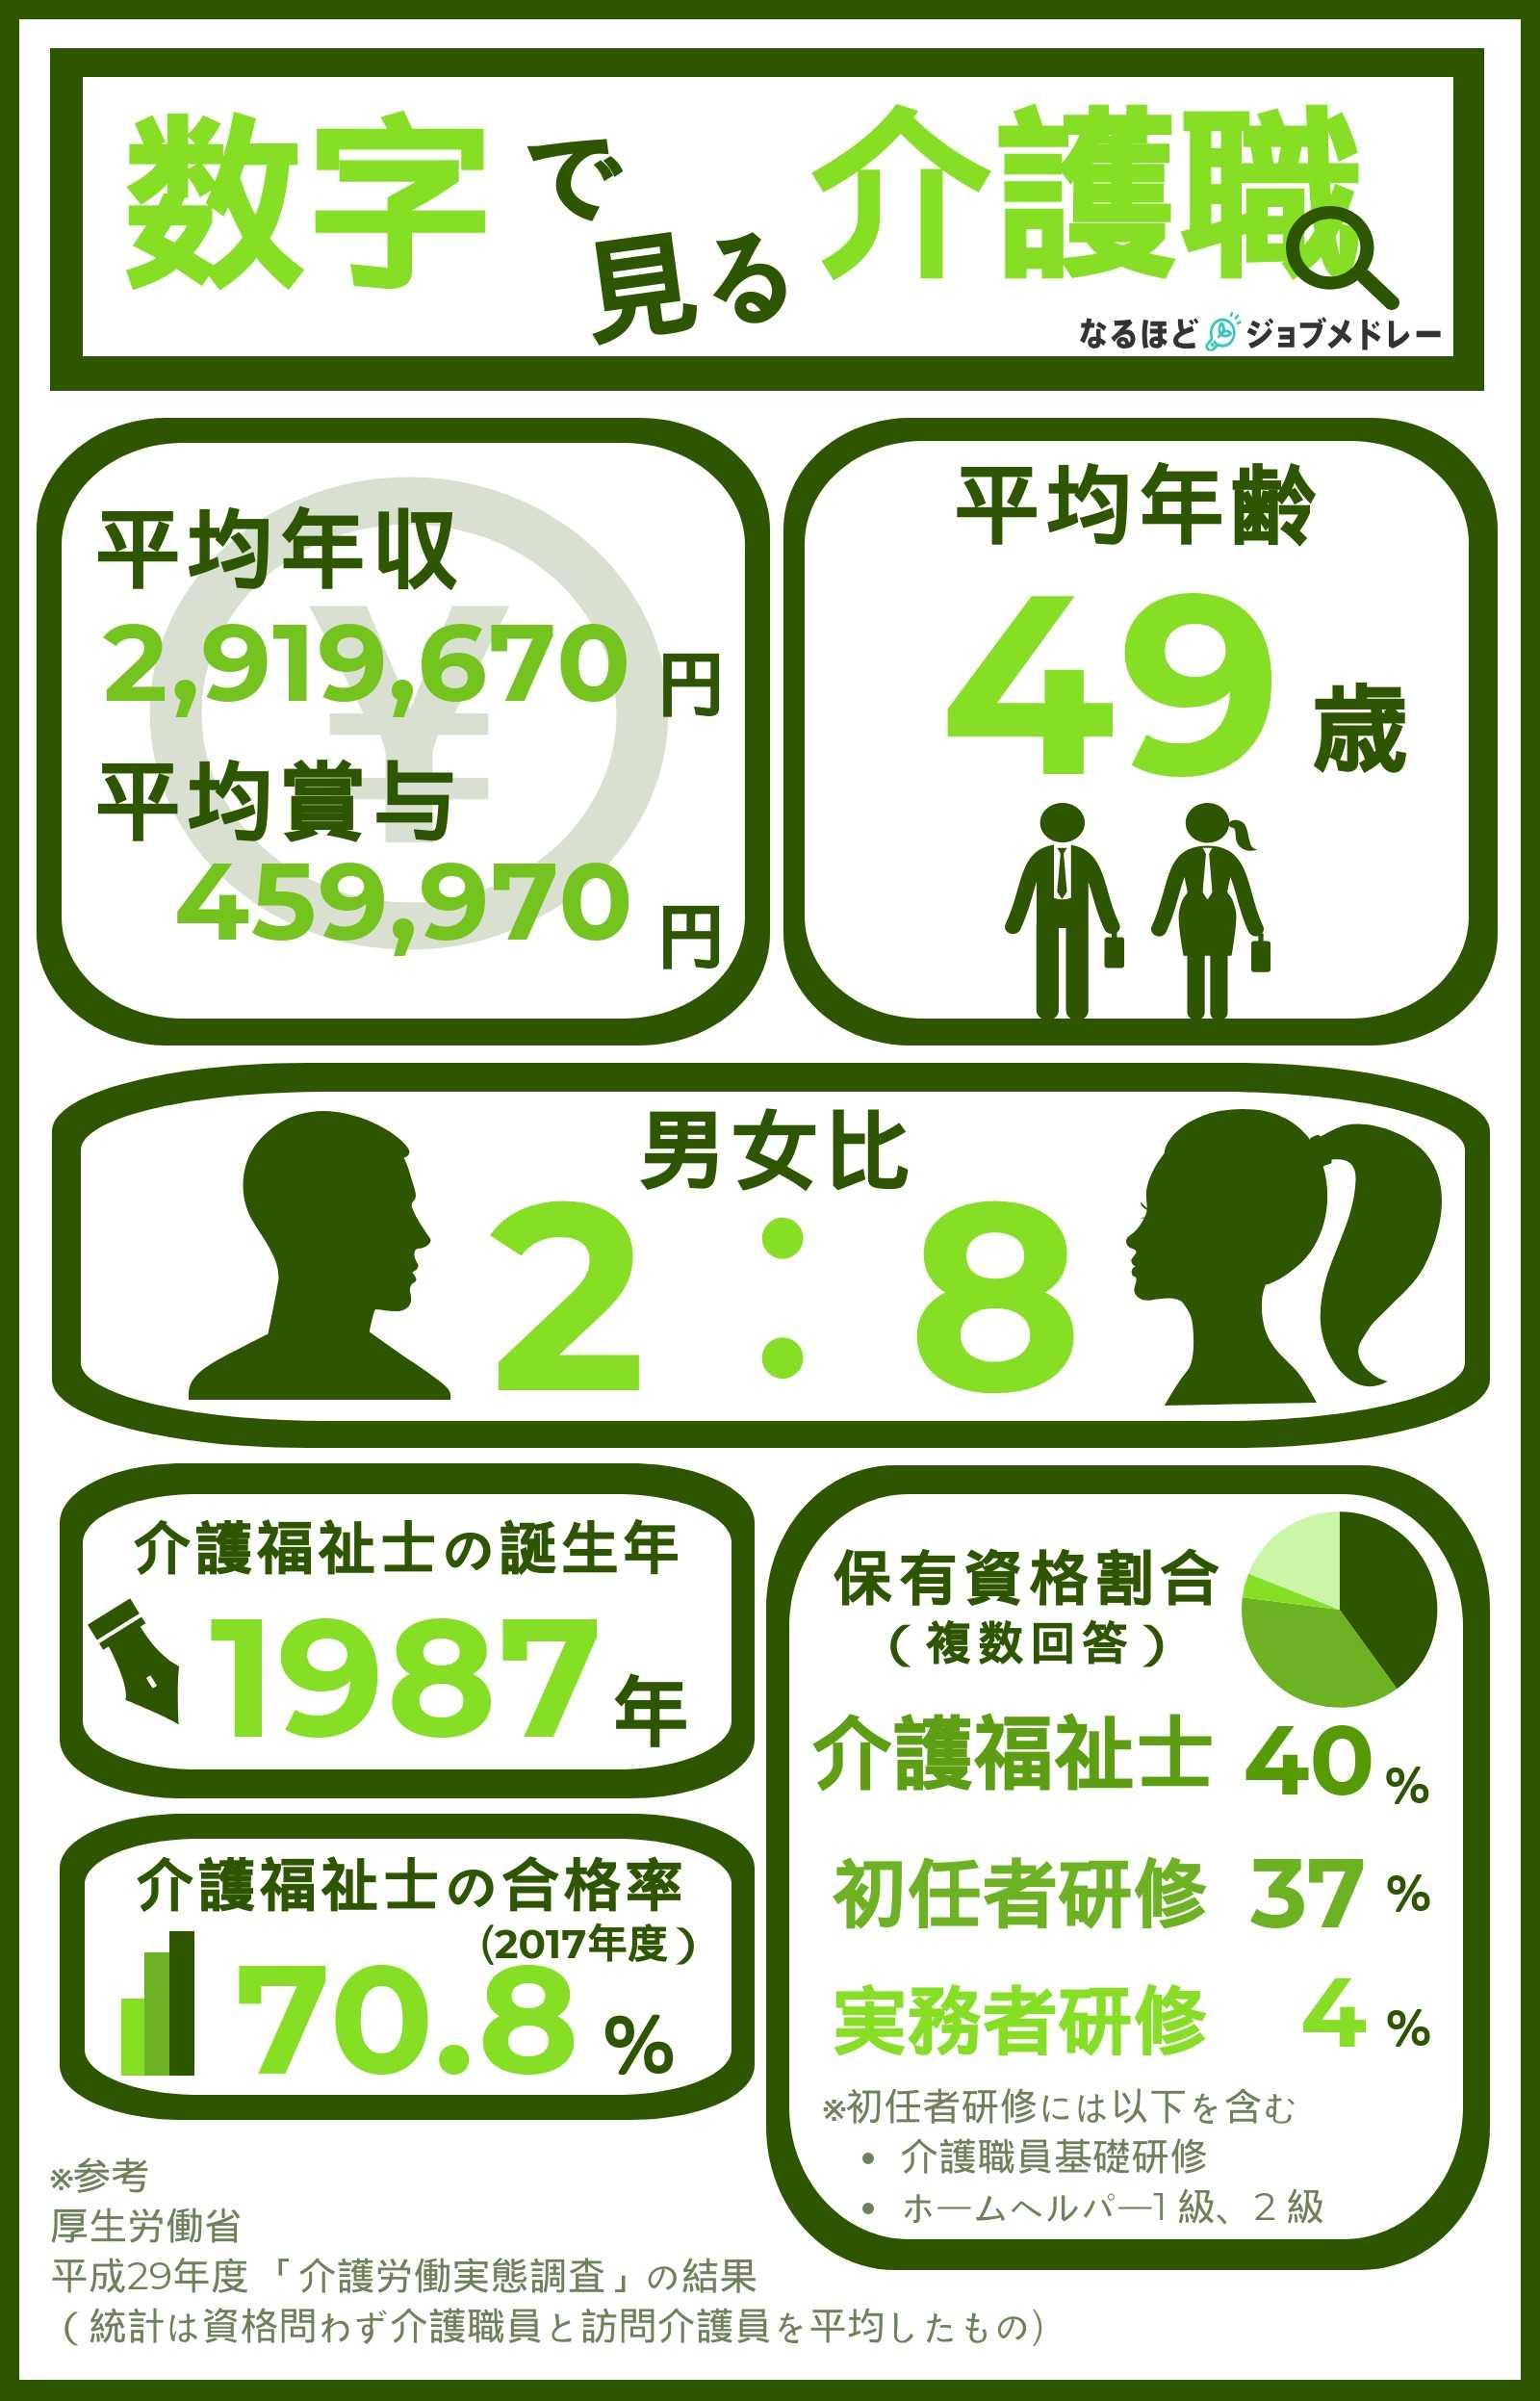 年収・男女比・平均年齢 etc.『数字で見る介護職』